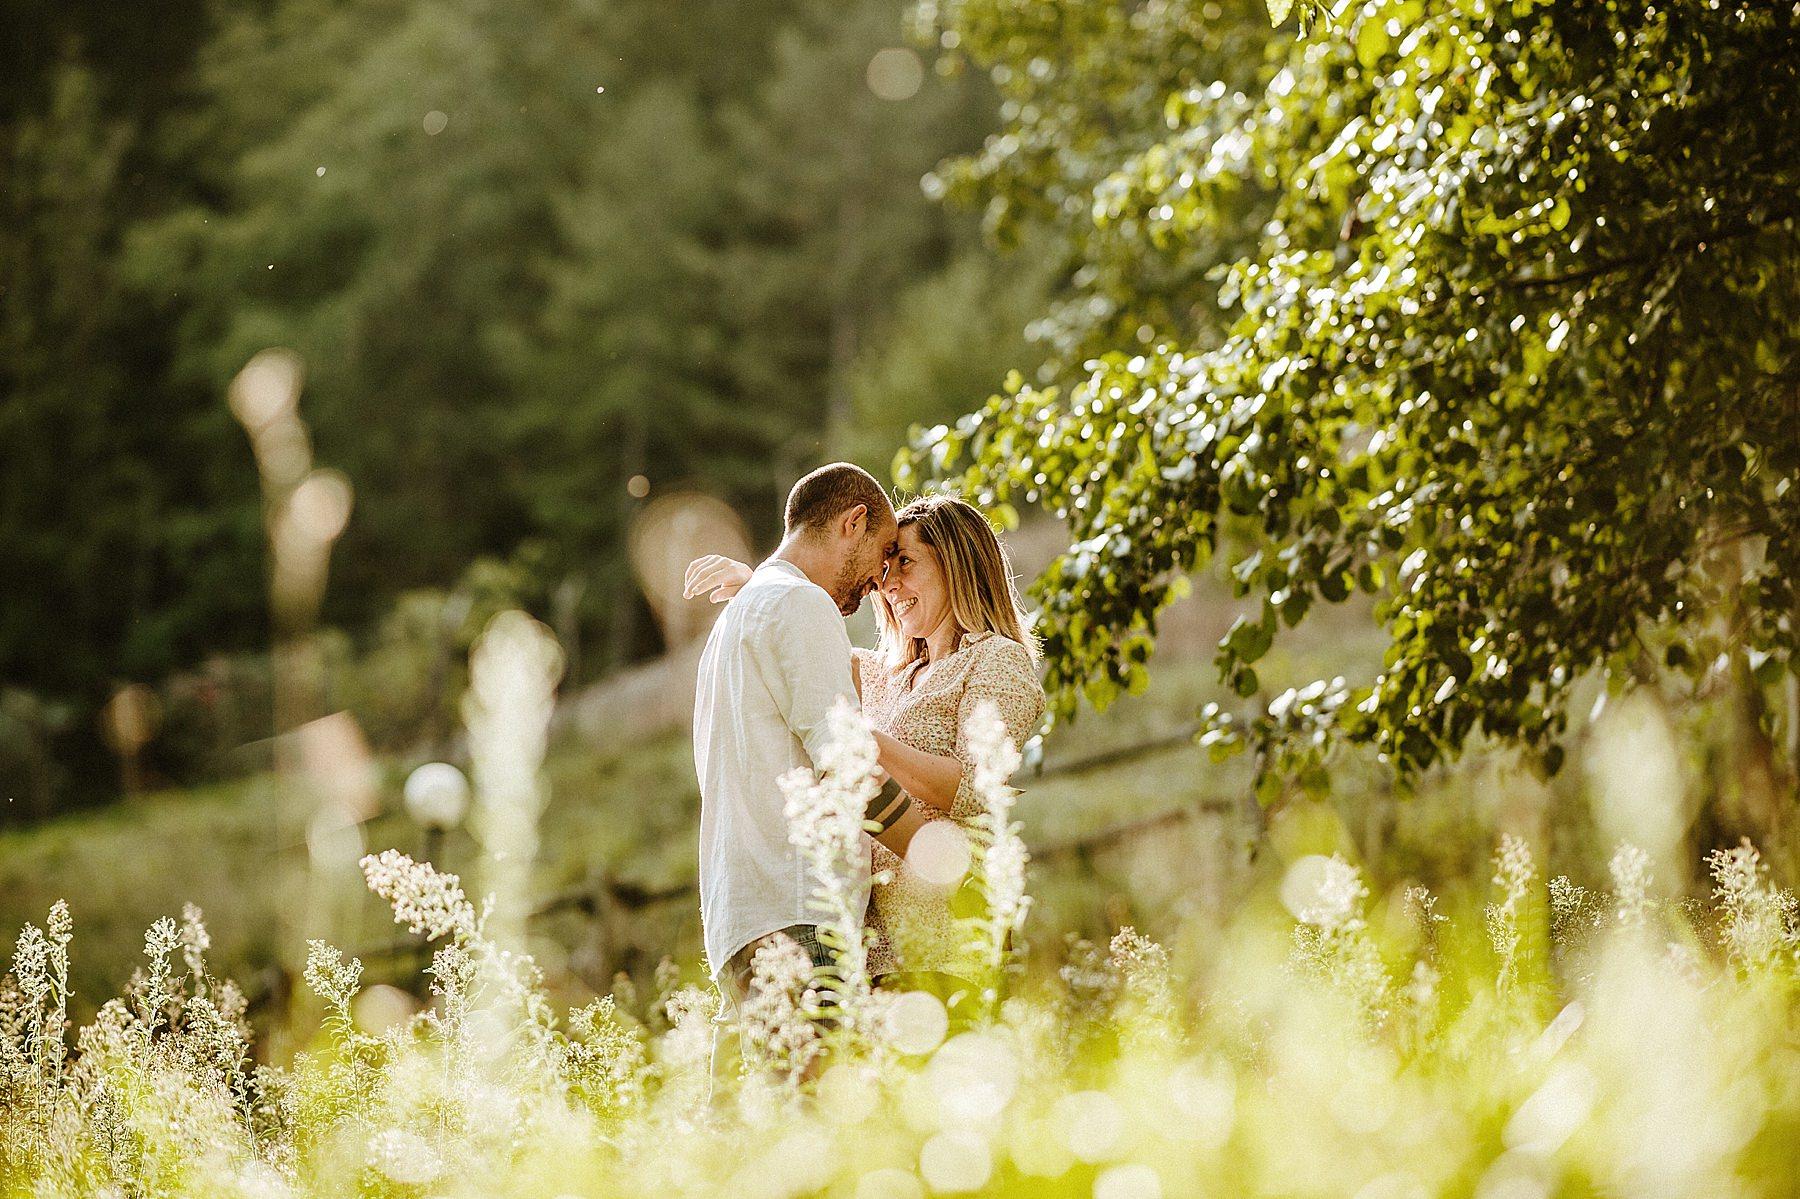 fotografia di fidanzamento in mugello